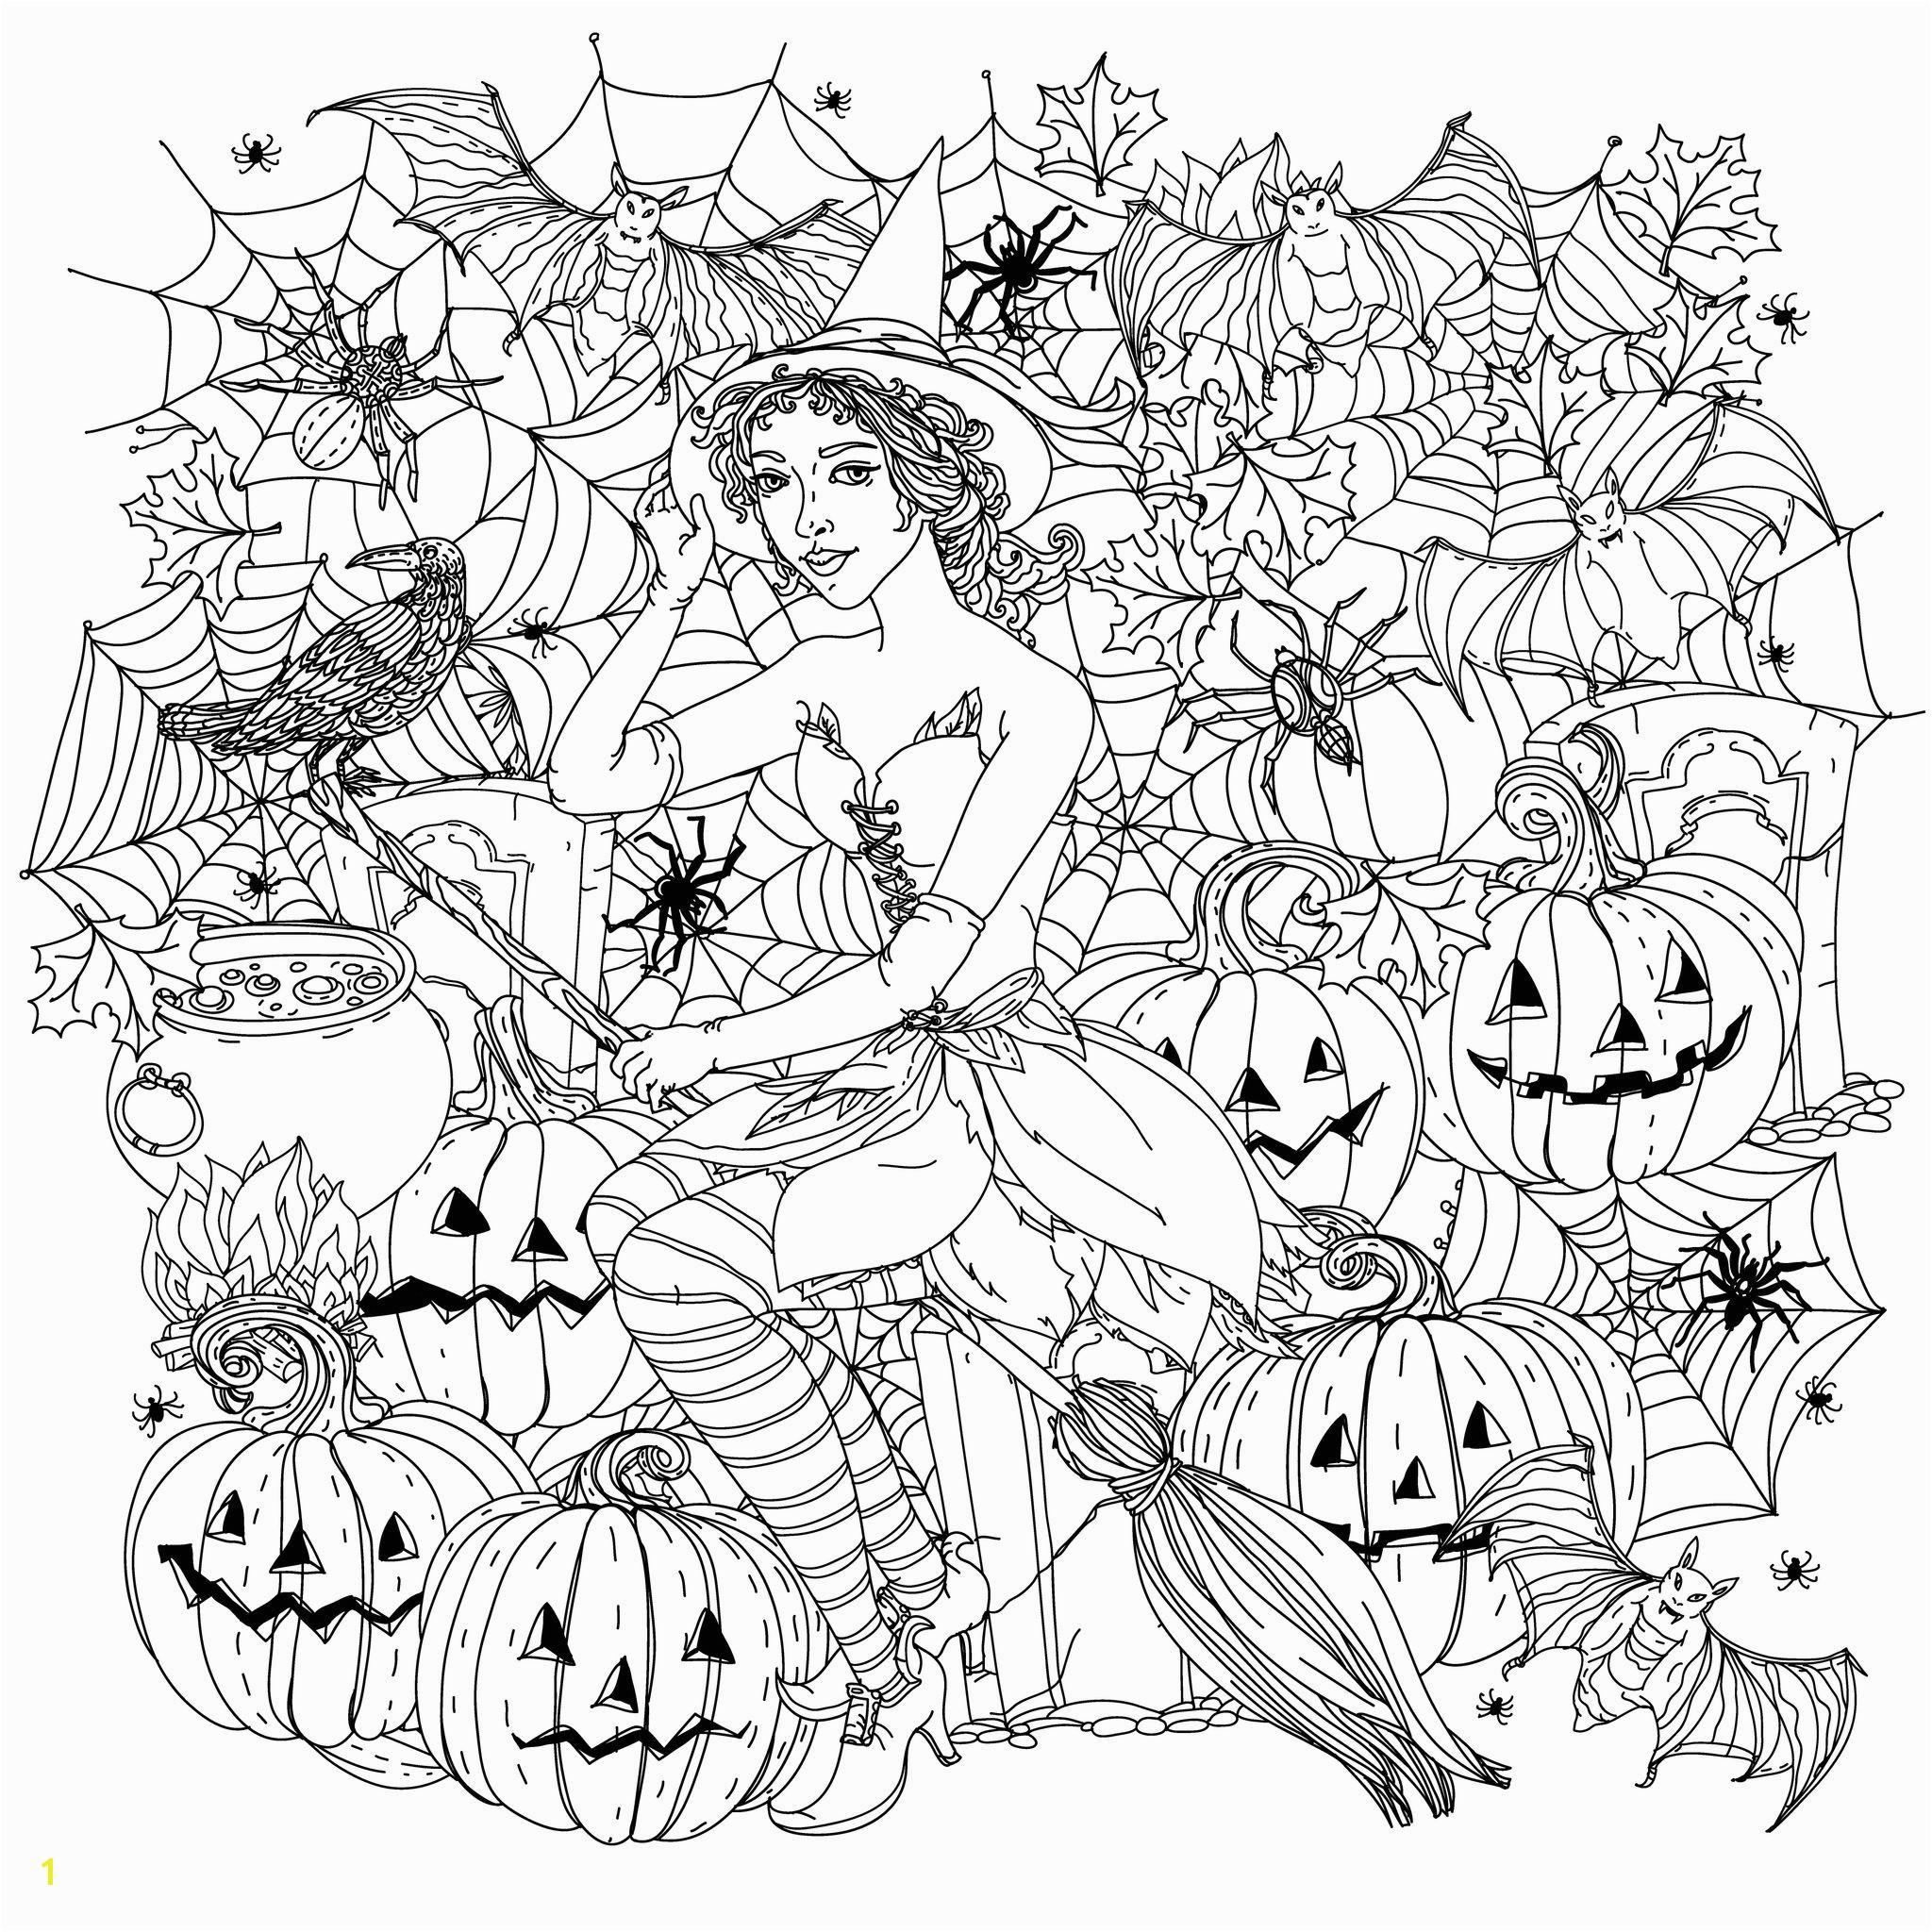 Pumpkin Mandala Coloring Page Fresh Ungewöhnlich Halloween Mandala Fotos Malvorlagen Von Tieren Pumpkin Mandala Coloring